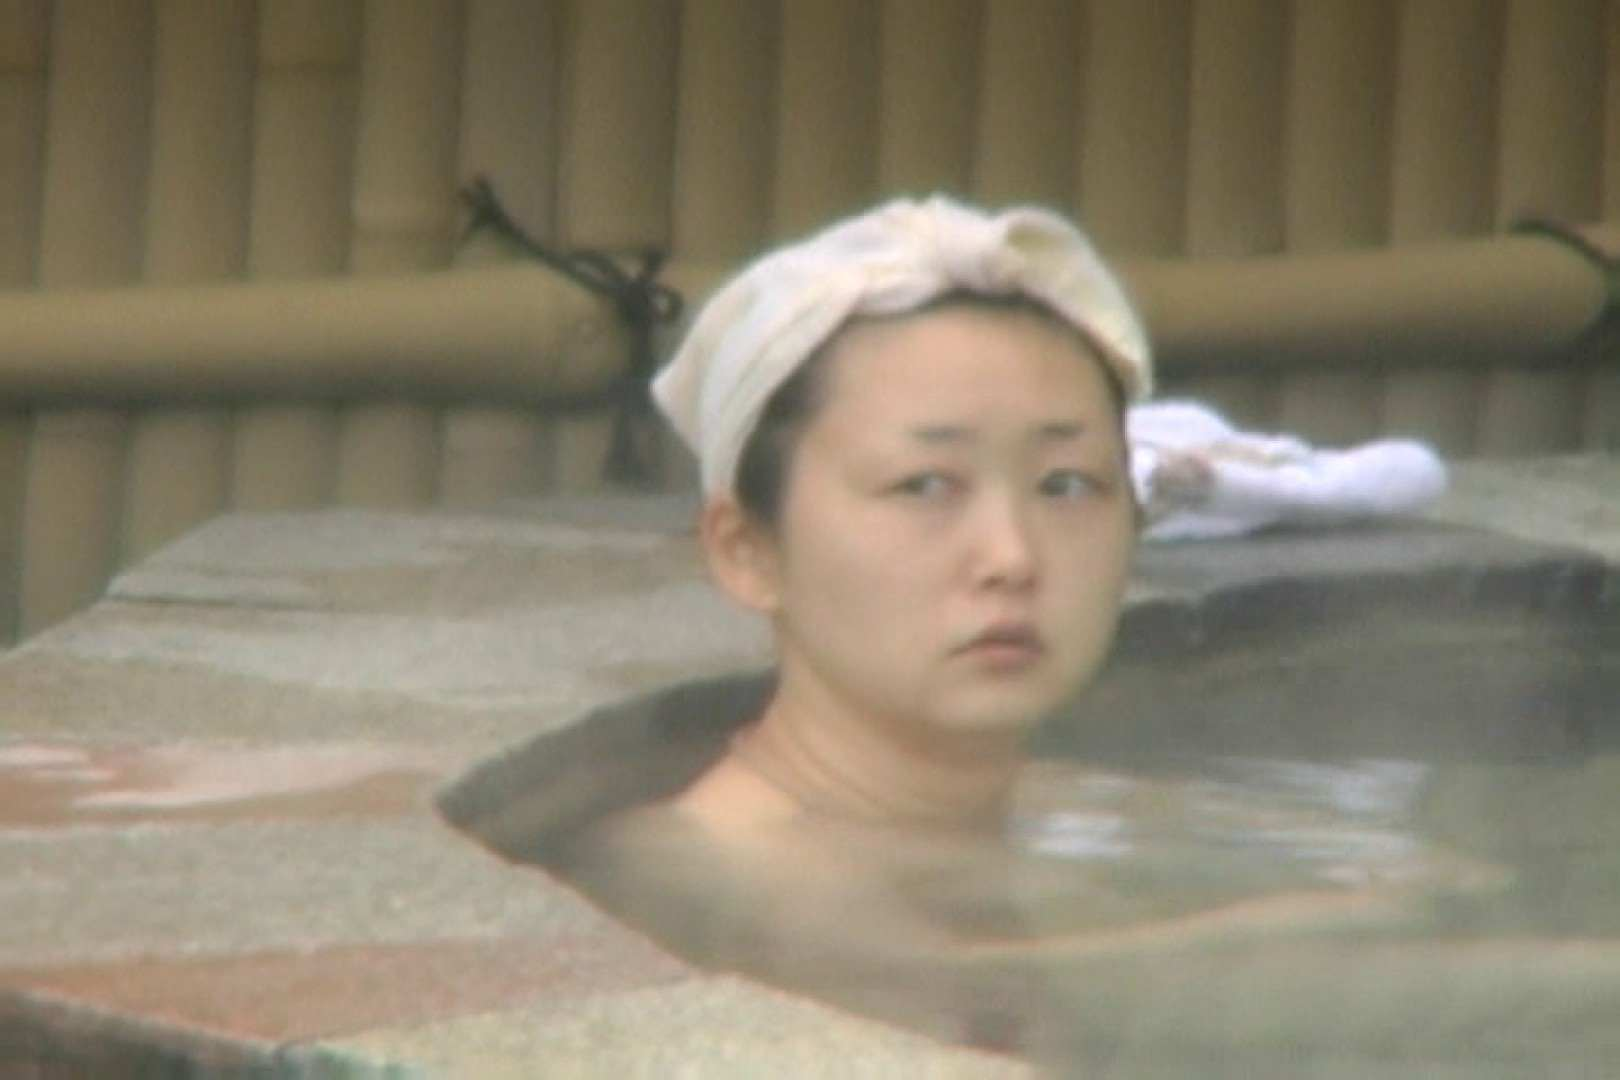 Aquaな露天風呂Vol.564 美しいOLの裸体  100pic 66